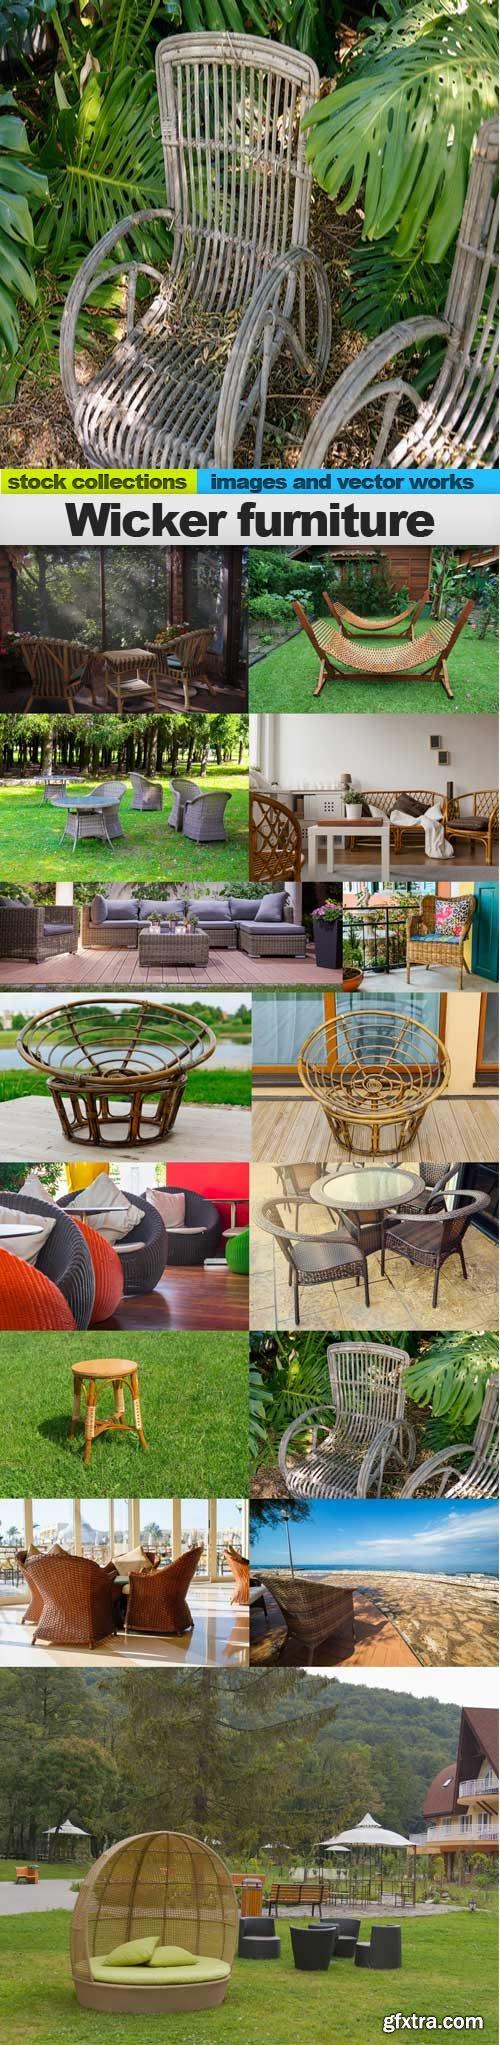 Wicker furniture, 15 x UHQ JPEG